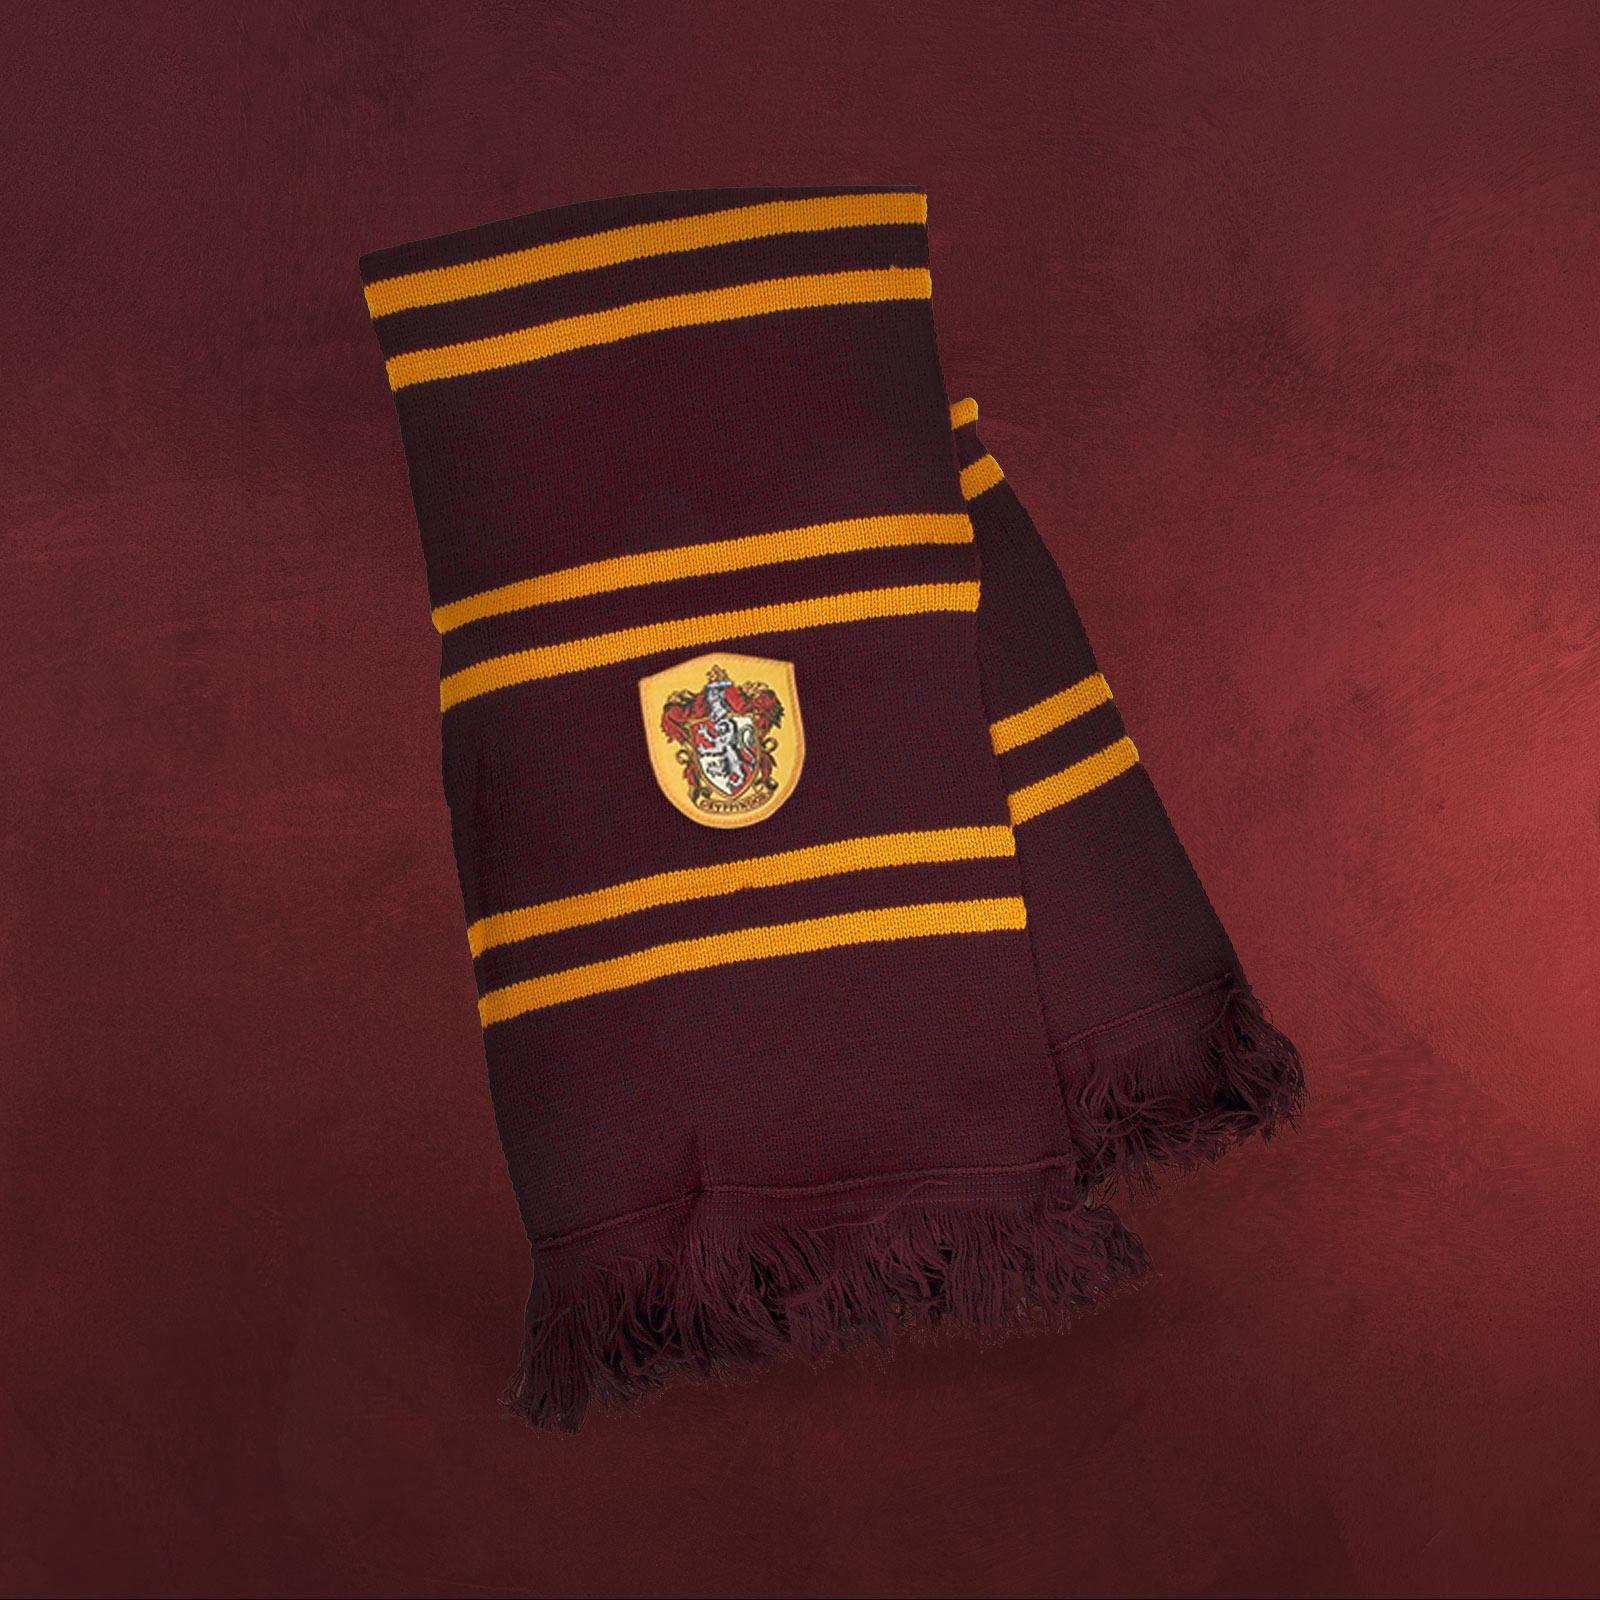 Harry Potter - Gryffindor Schal mit Emblem | Elbenwald